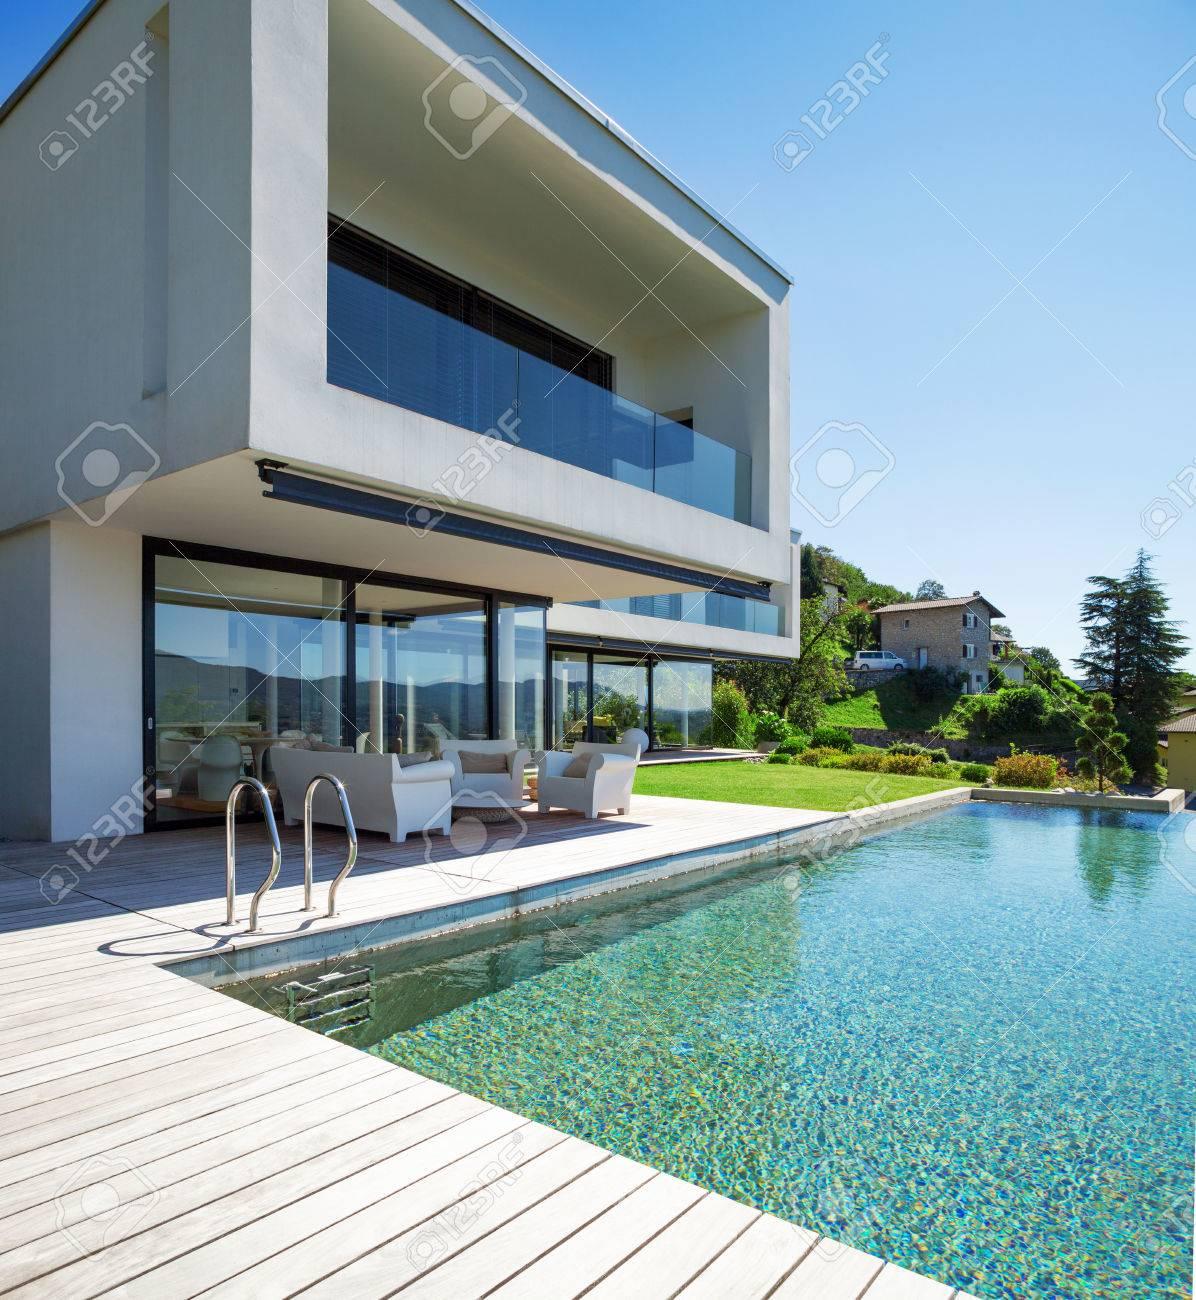 Modernes Haus Mit Pool Im Außenbereich Standard Bild   31647367